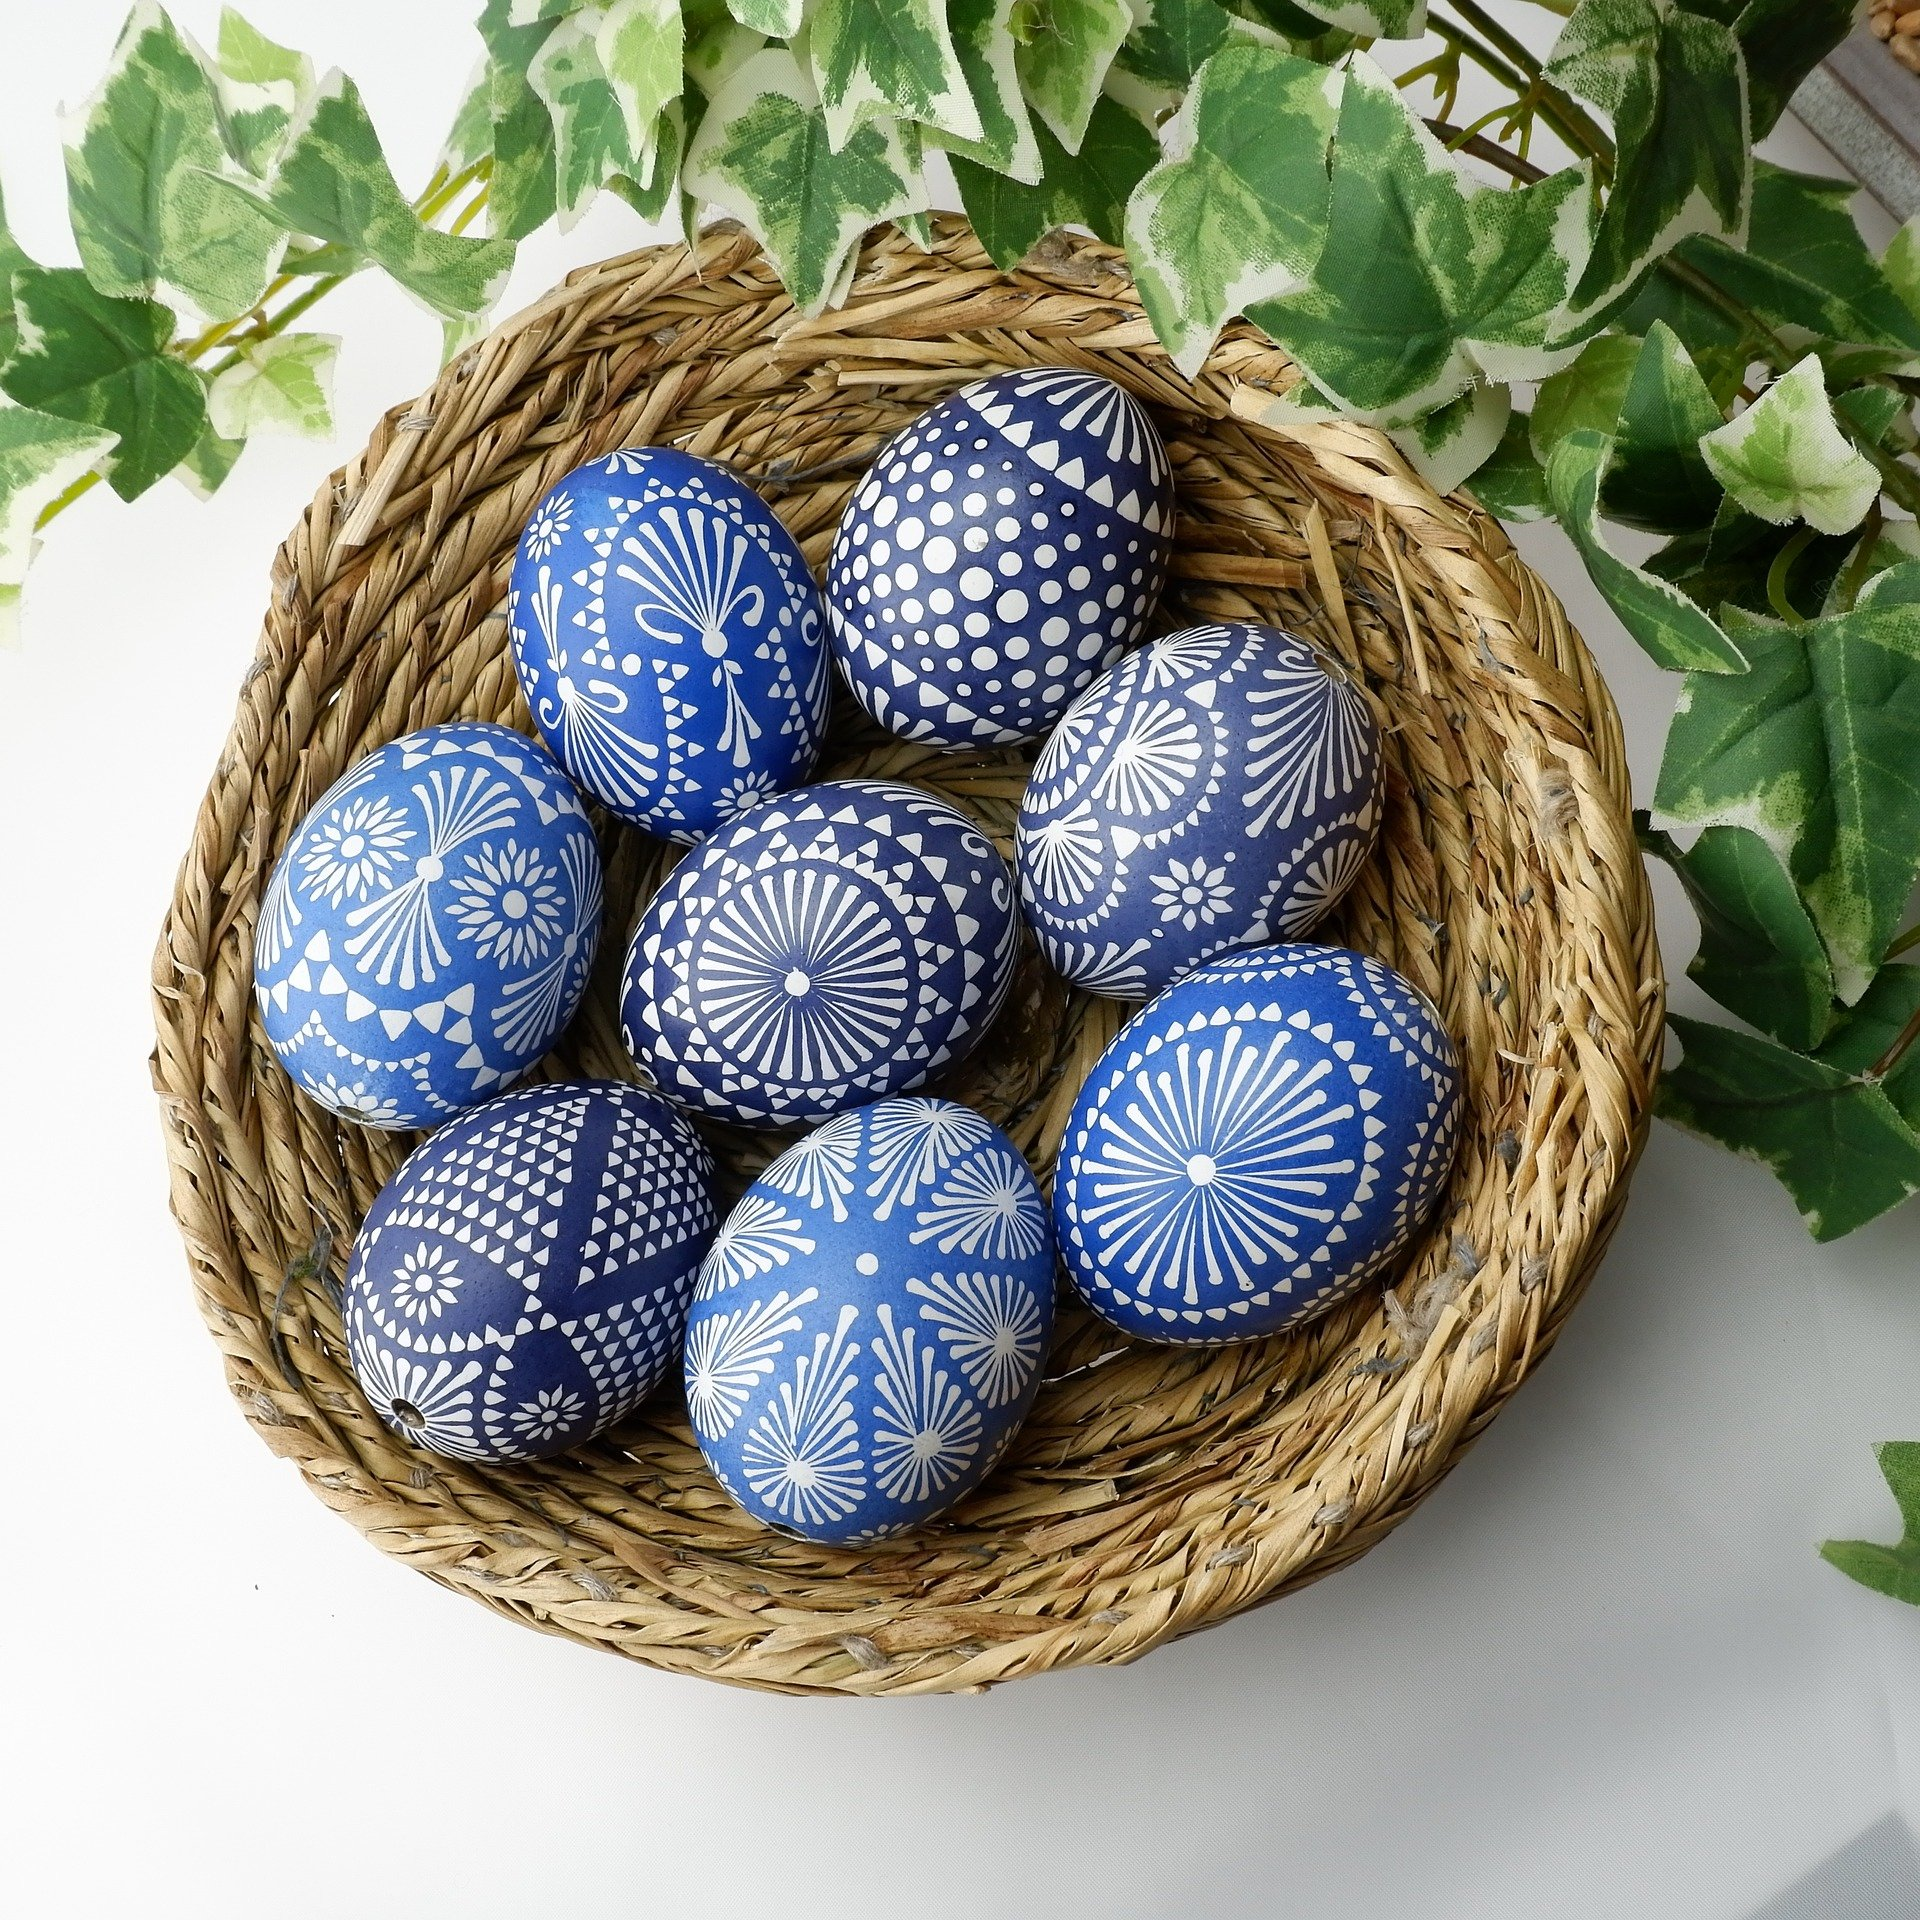 Tradiční velikonoční výzdoba